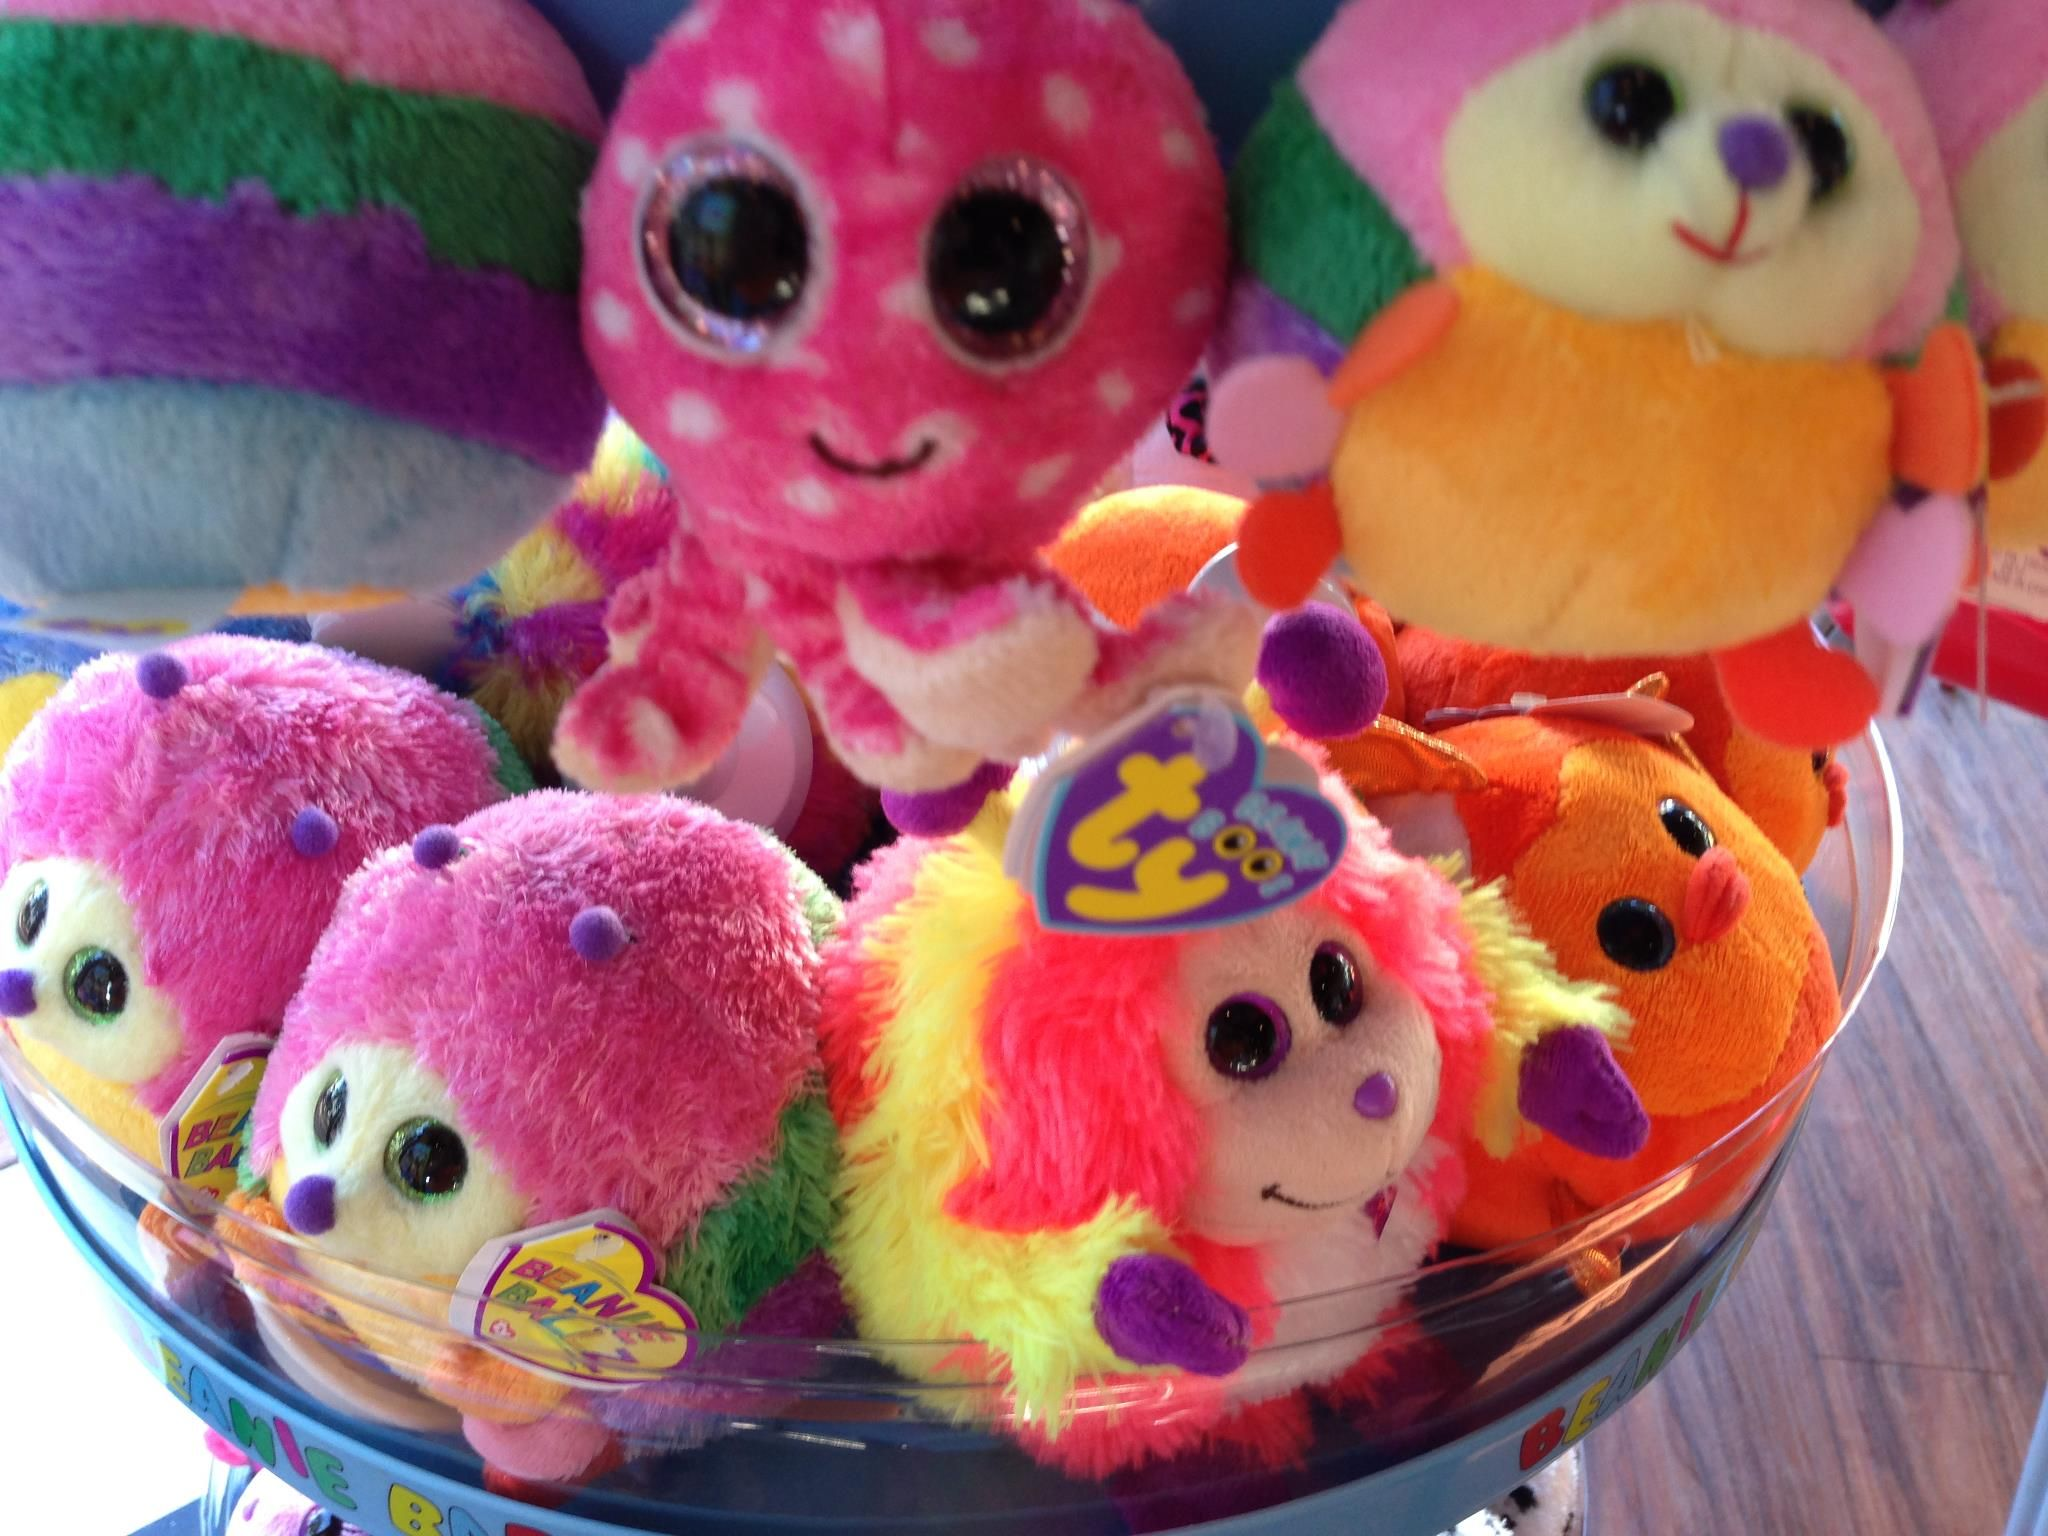 #Toys https://sphotos-a.xx.fbcdn.net/hphotos-prn1/882618_447117865364572_1064133683_o.jpg